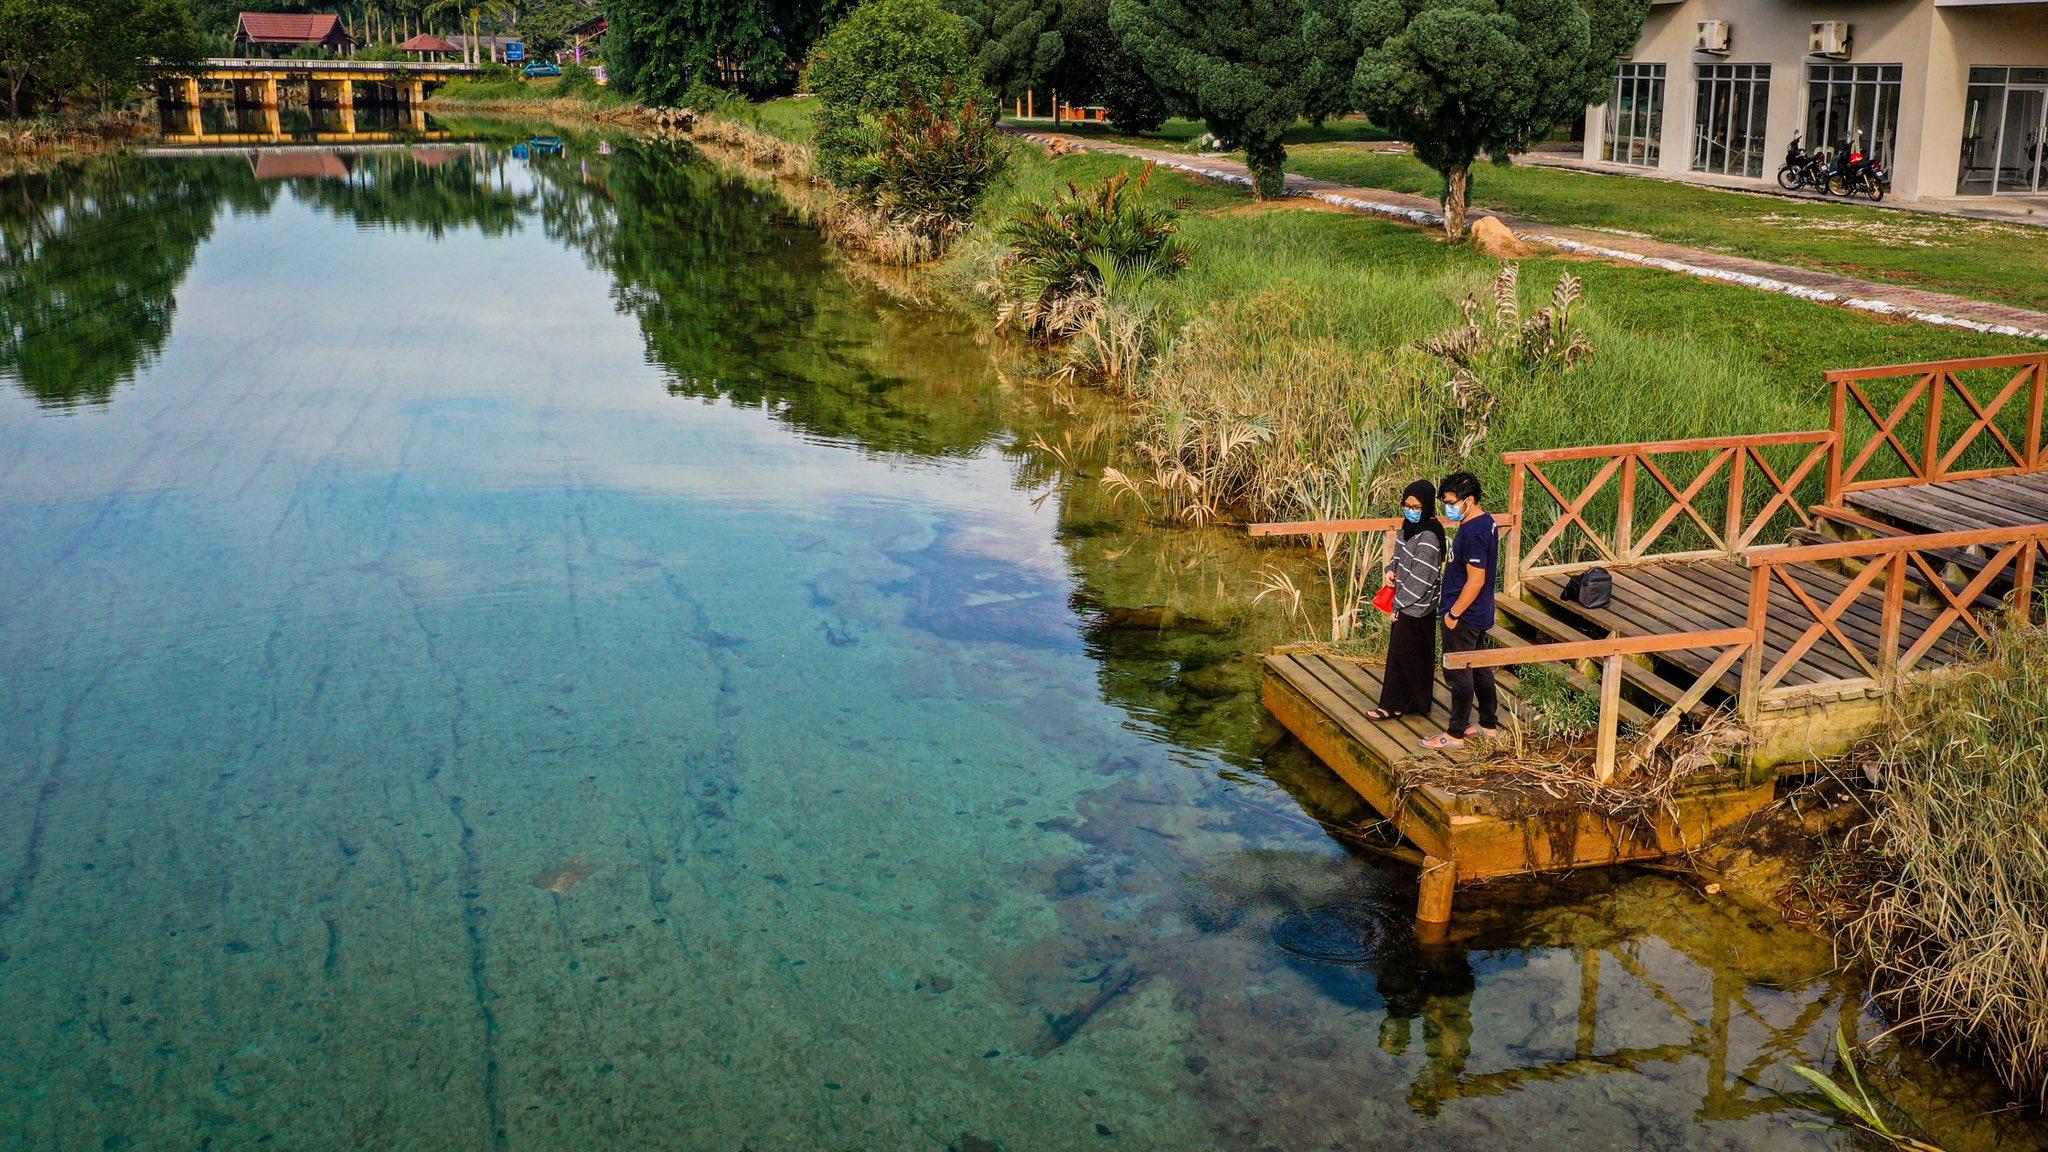 Okay, let's go to Sungai Rambai!